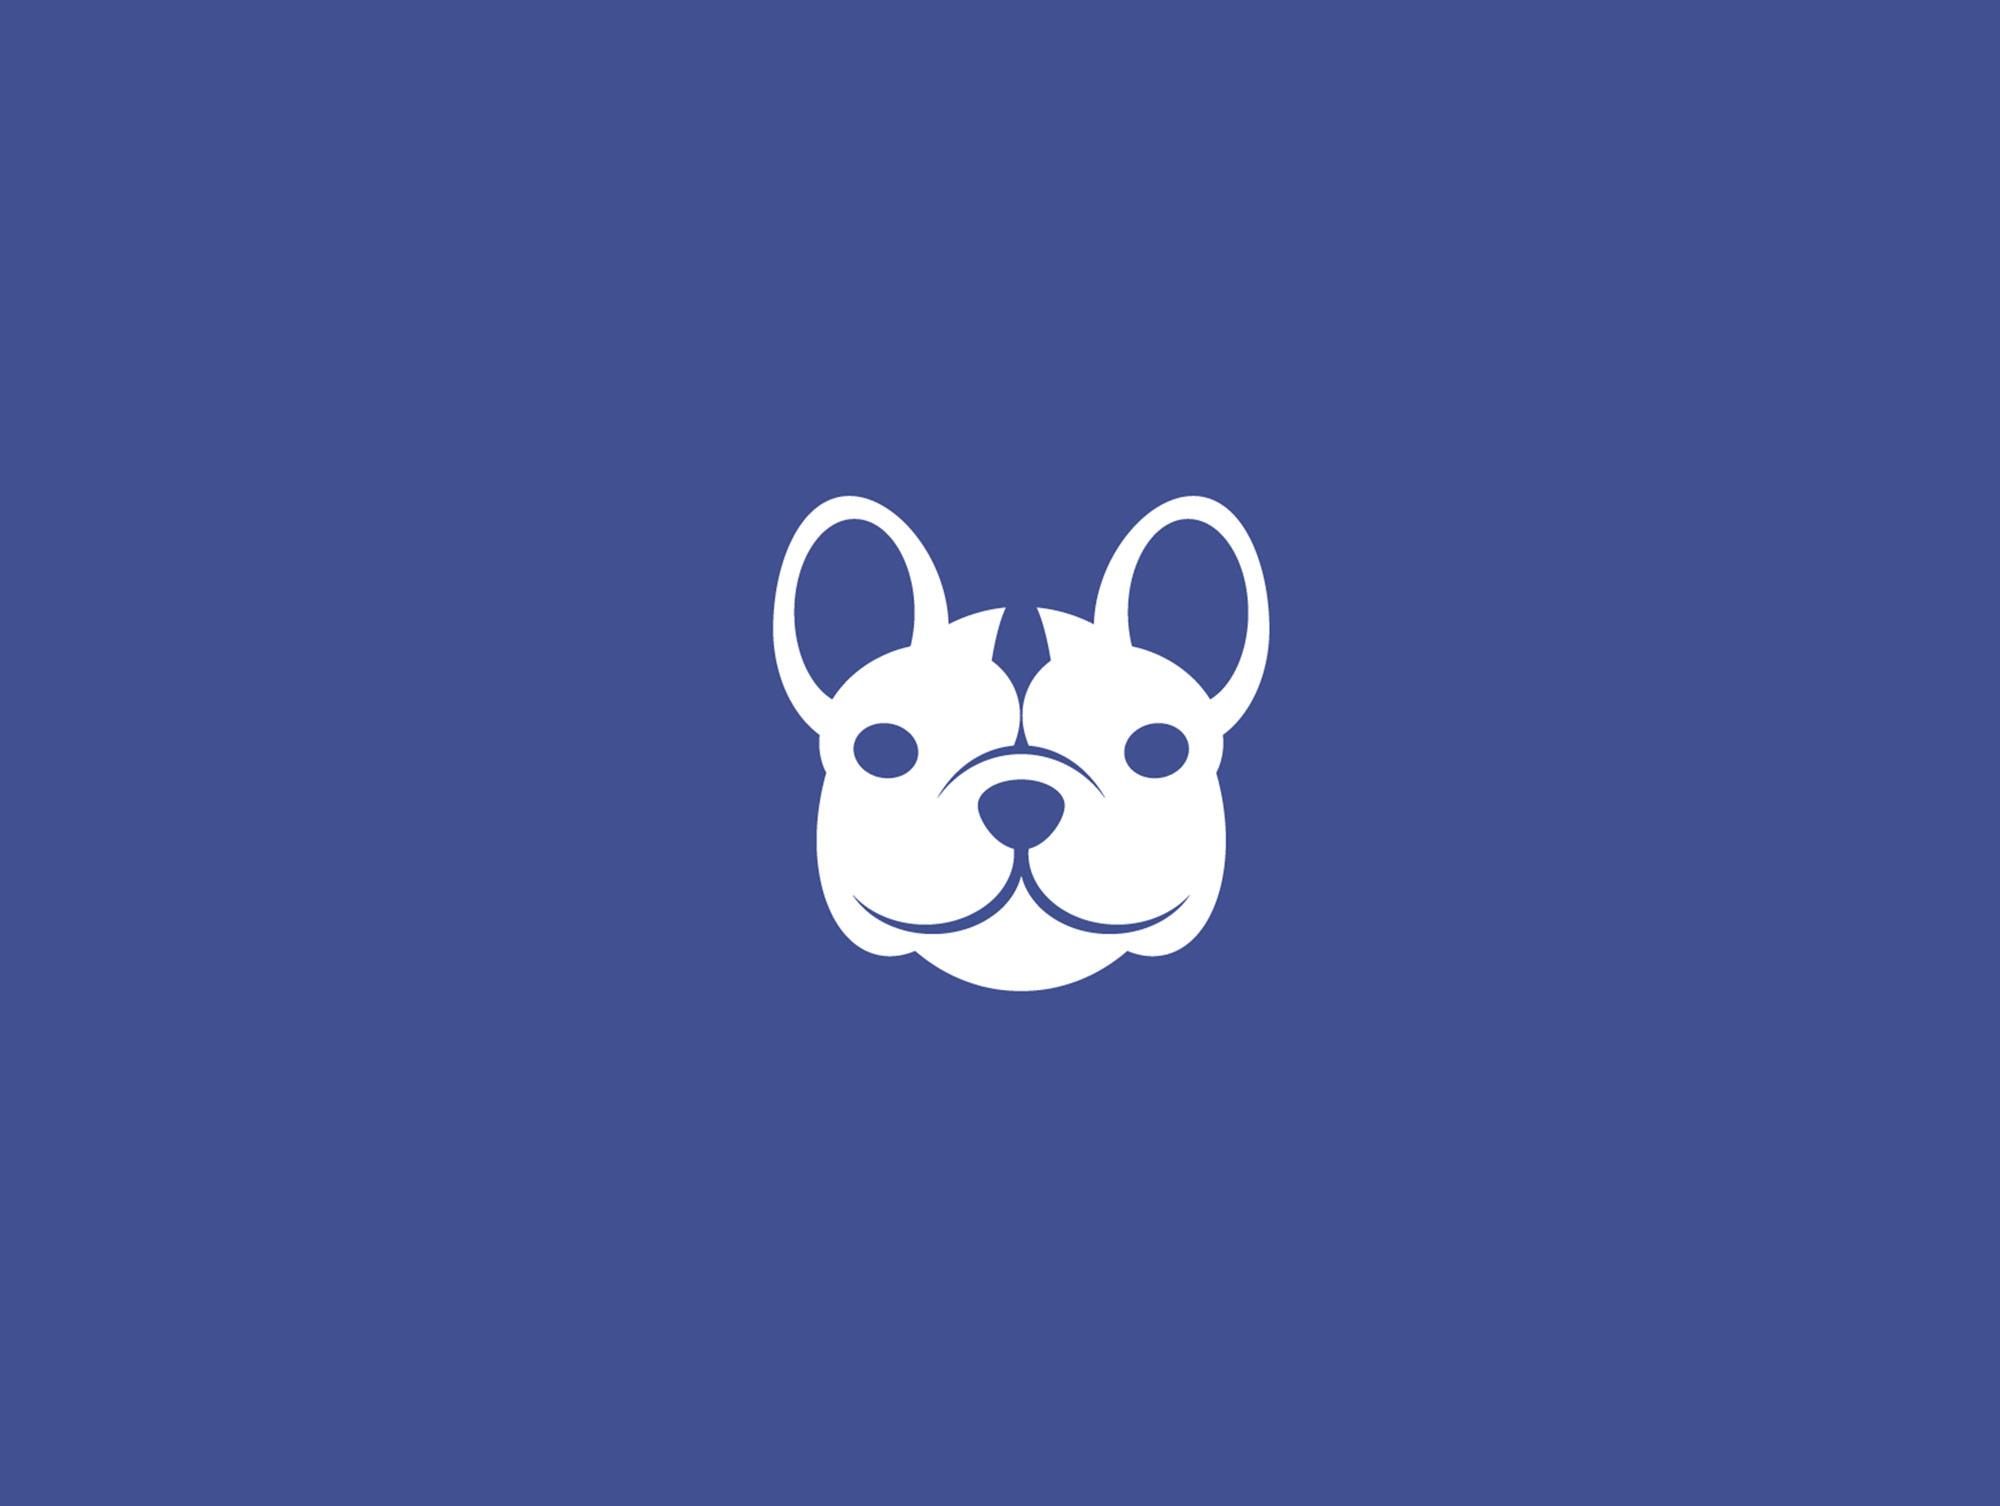 veterinarian logo design by mike hosier